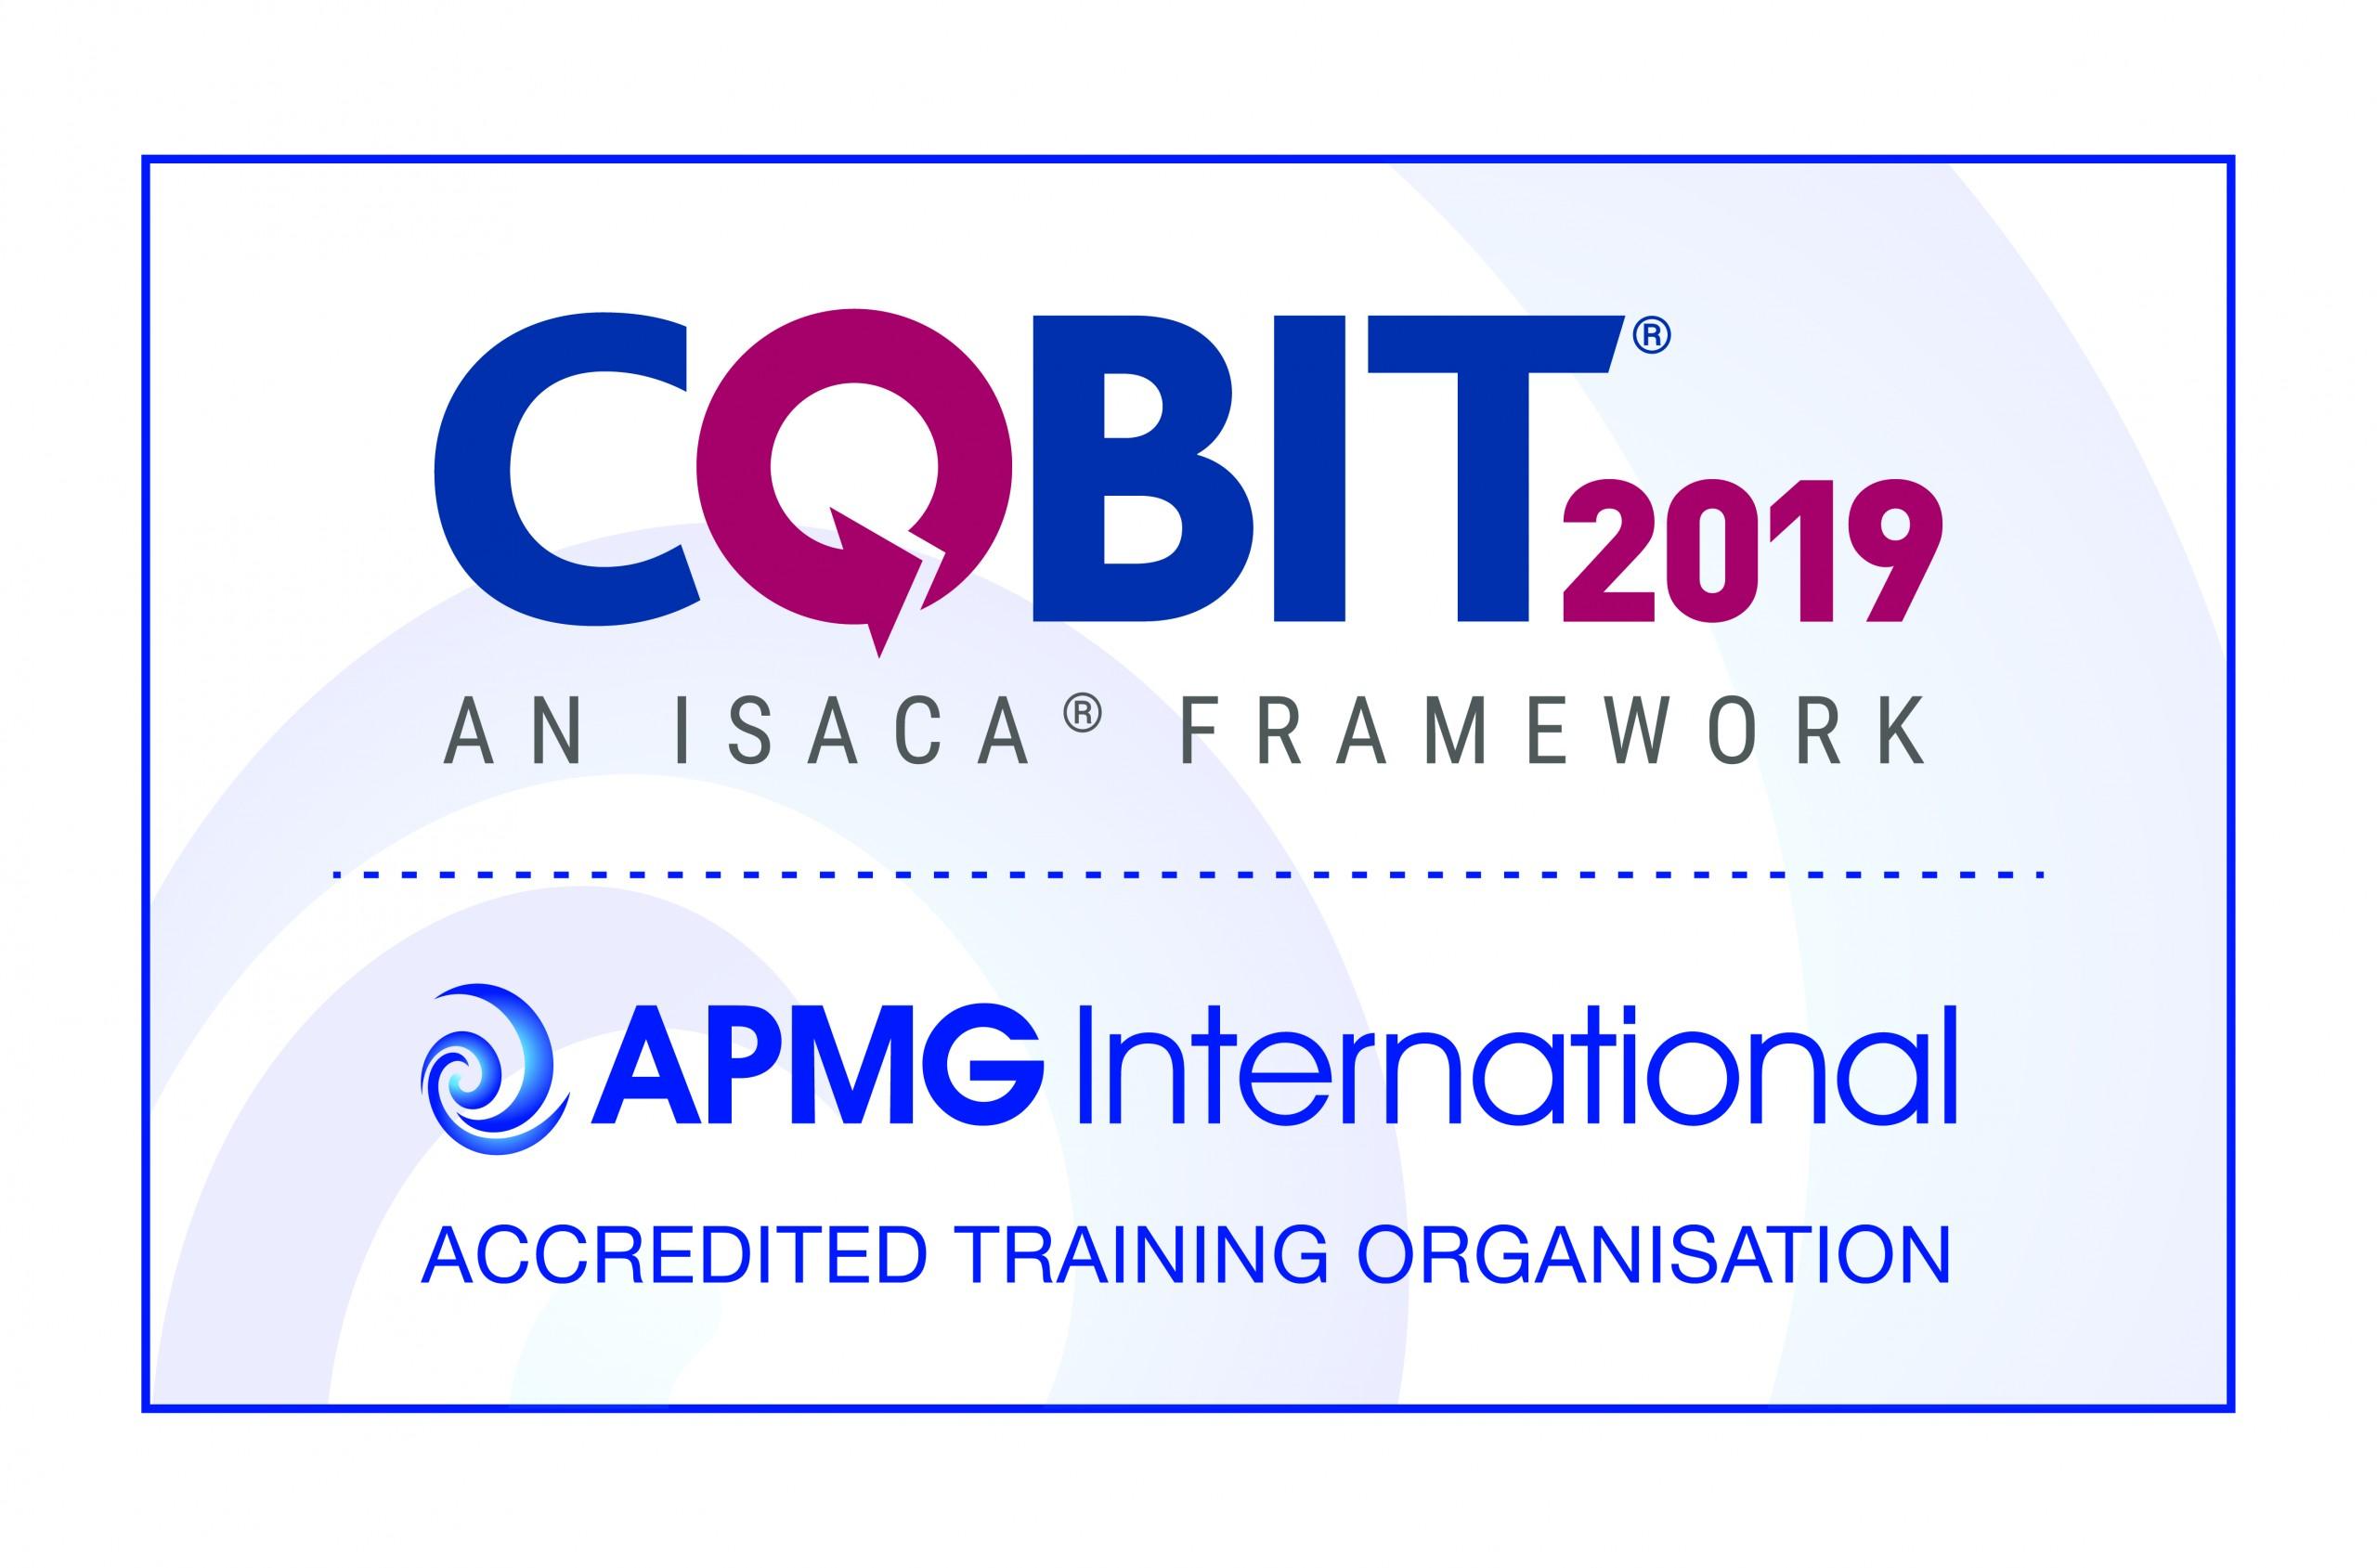 COBIT 2019 Certification